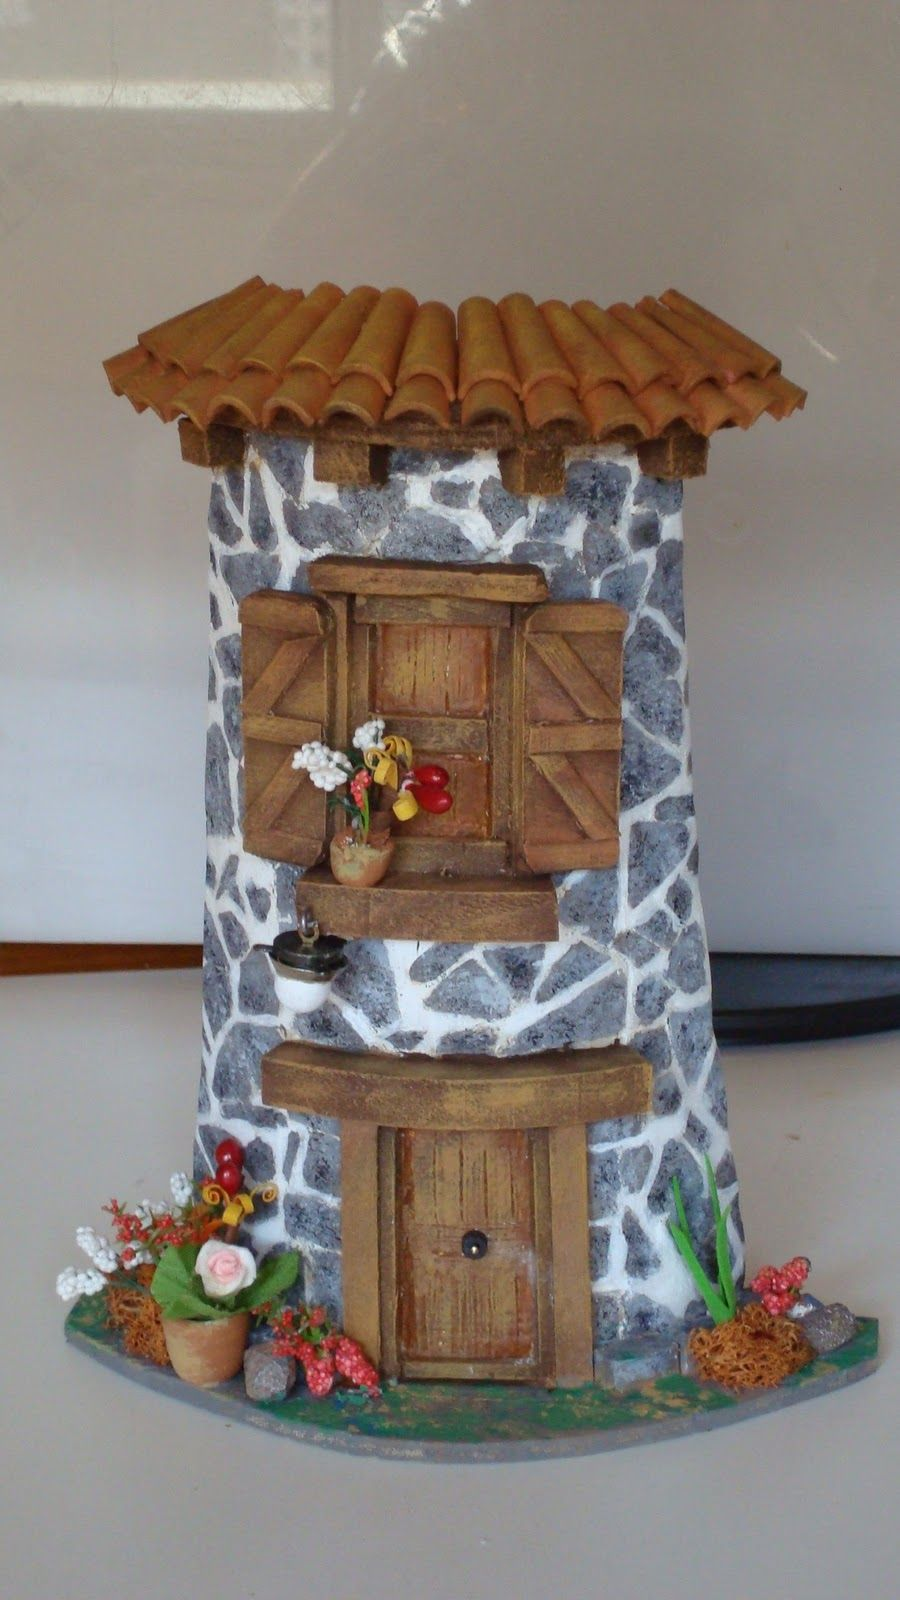 Pin de Guadalupe Lozano en tejas   Pinterest   Casas, Casitas y Fachadas